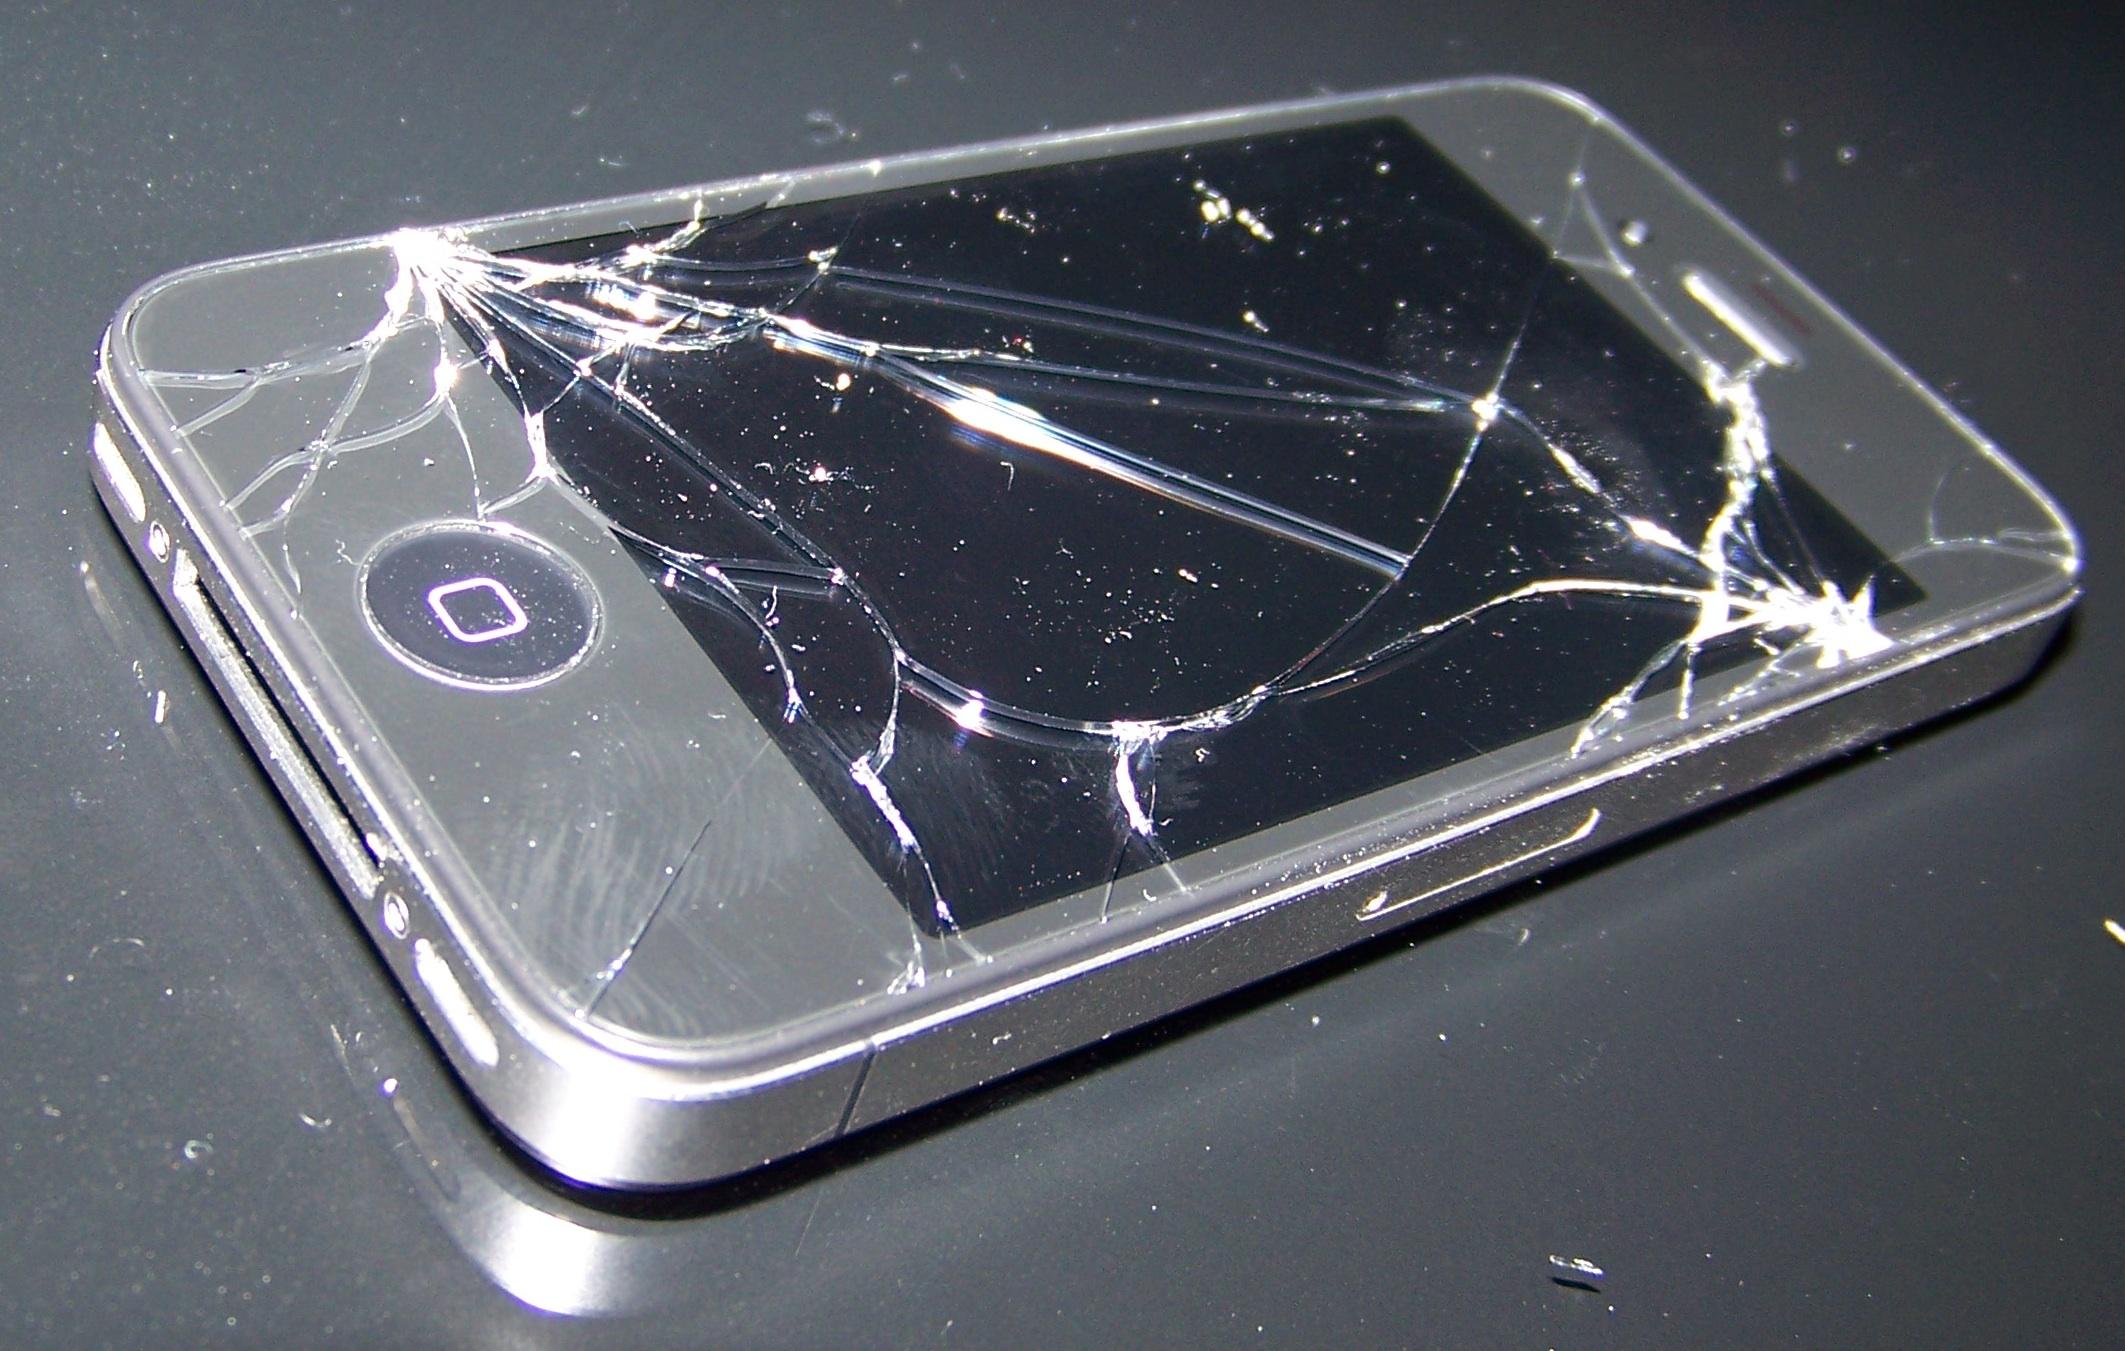 قبل از اینکه گوشی خود را تعمیر کنید این گزارش را حتما بخوانید